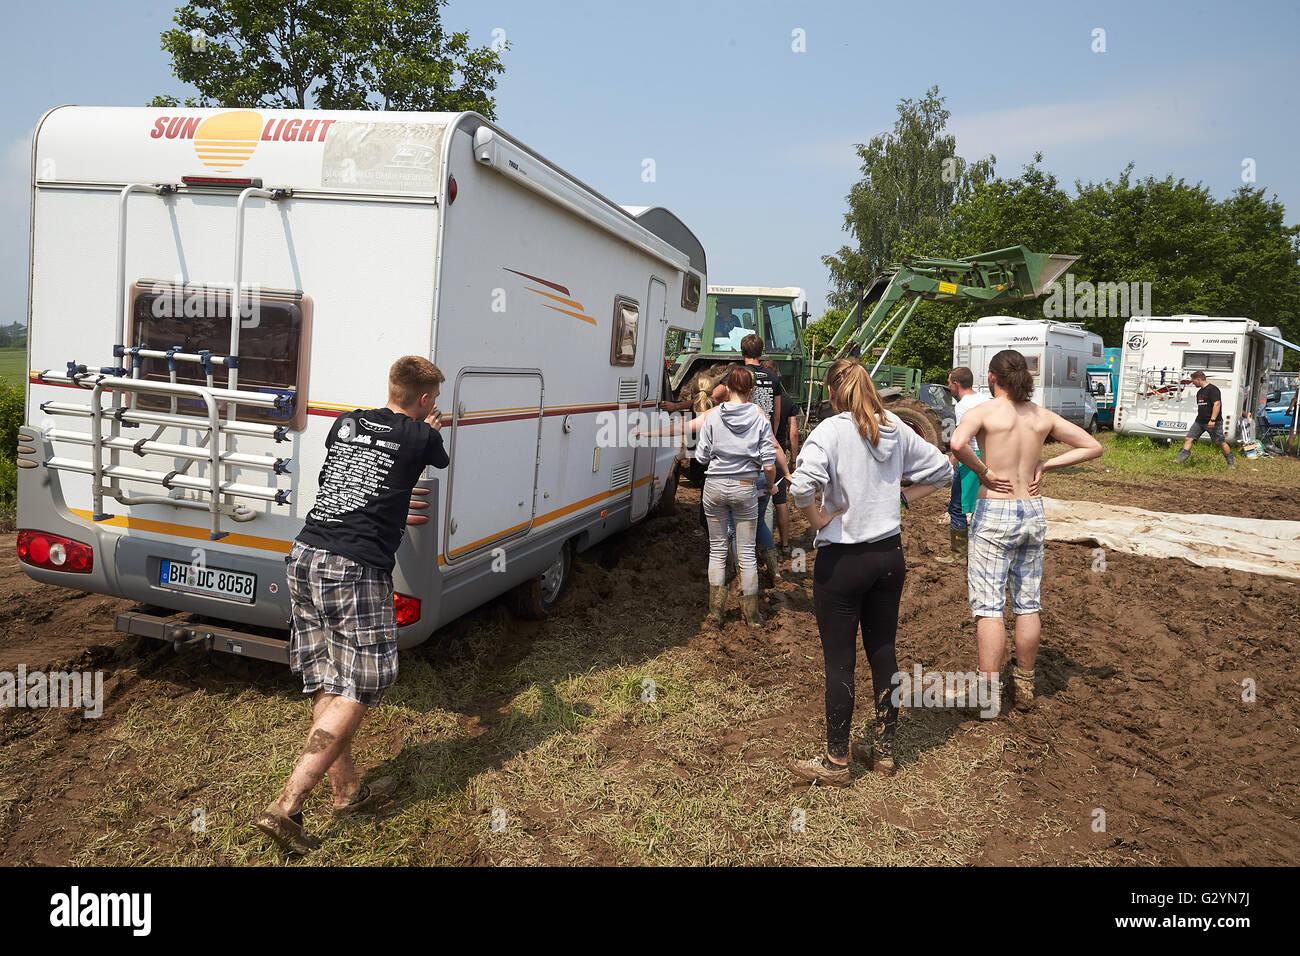 Mendig Deutschland 5 Juni 2016 Ein Traktor Zieht Ein Wohnmobil